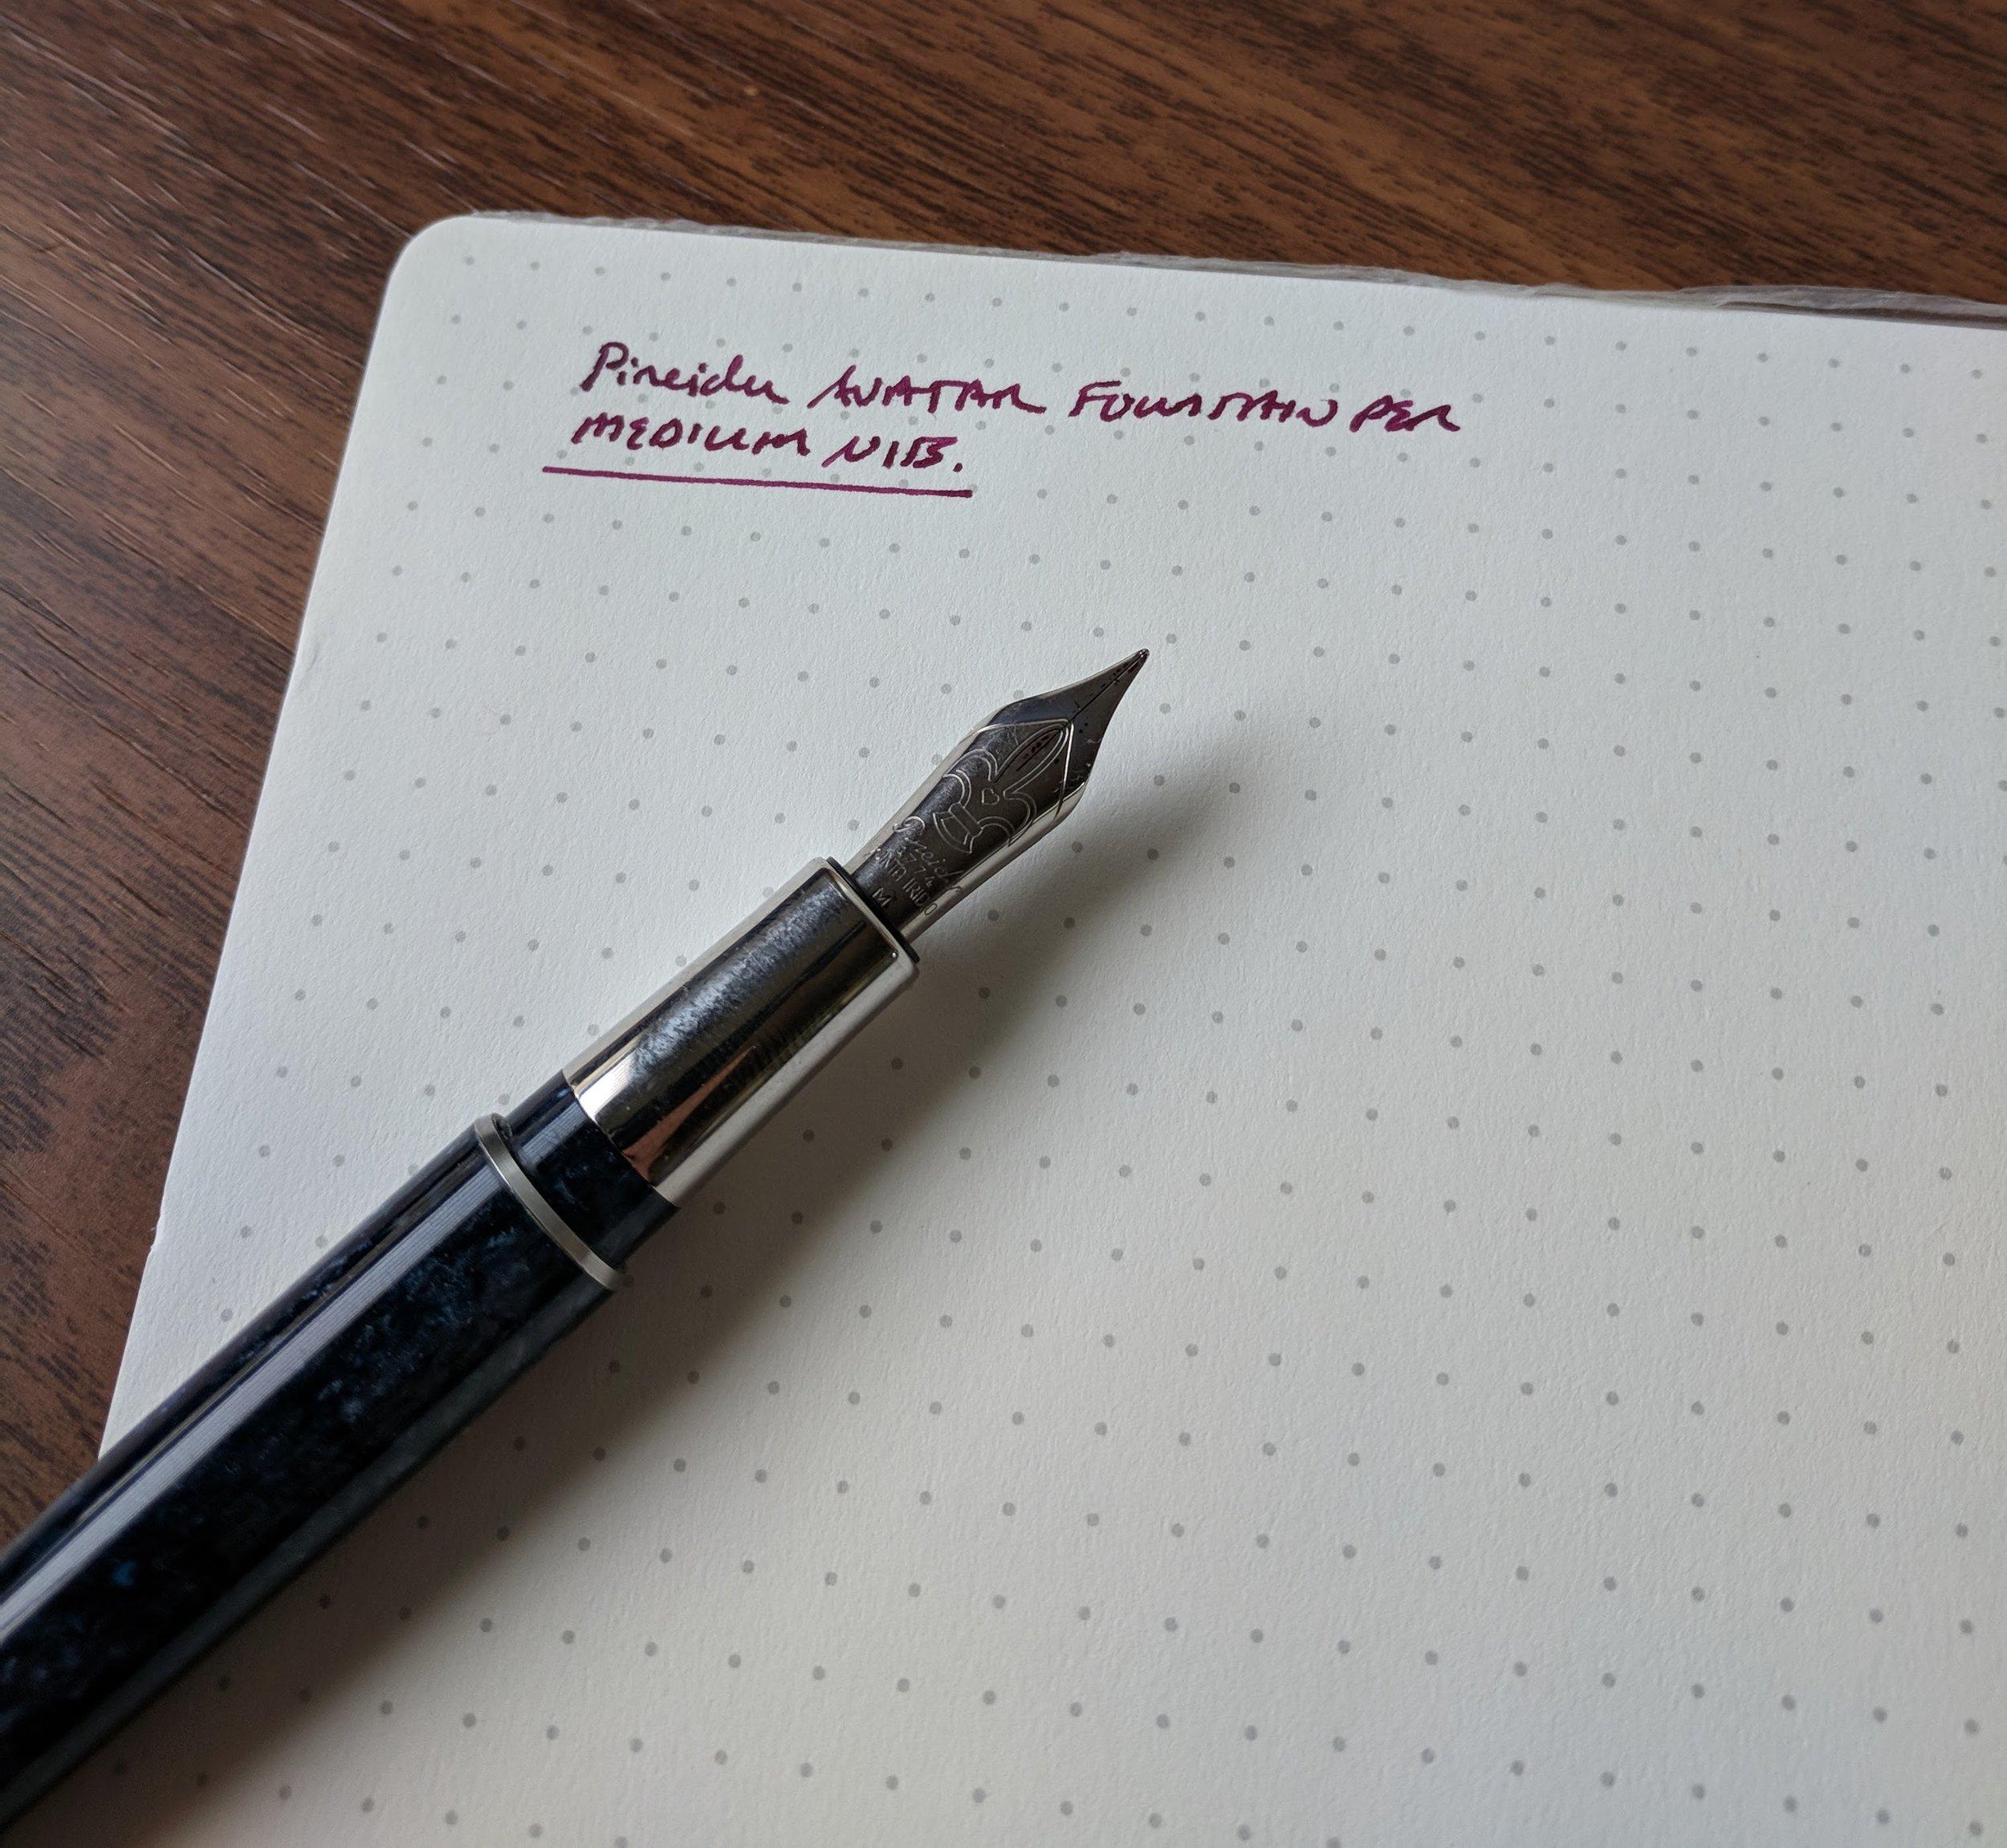 Pineider Avatar Writing Sample